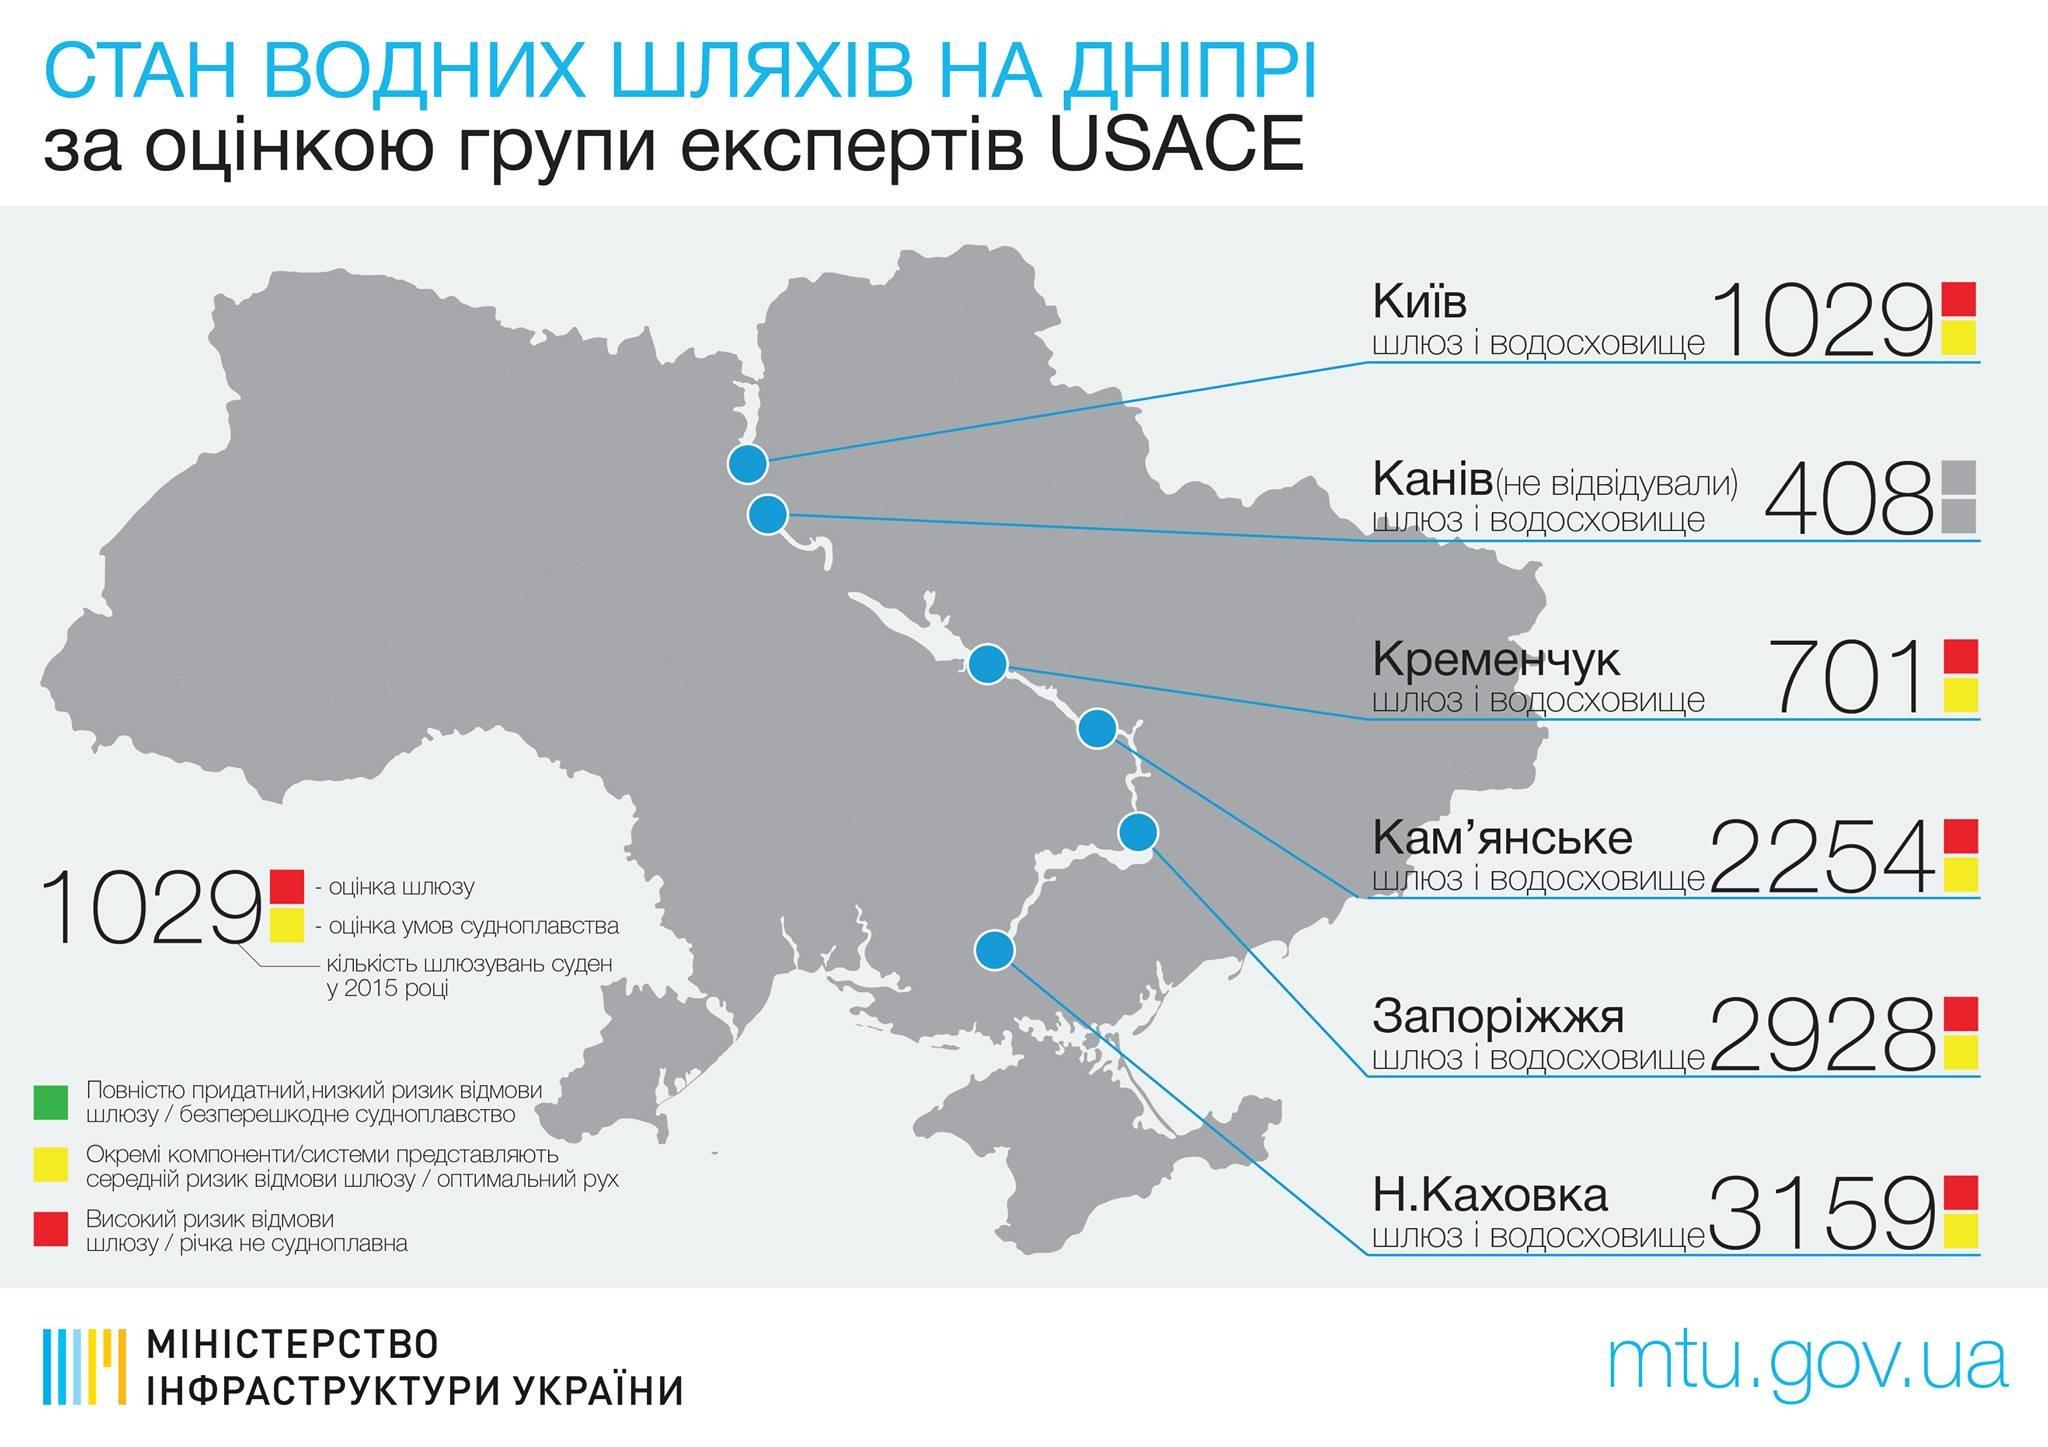 Днепровские шлюзы требуют срочной реконструкции: инфографика